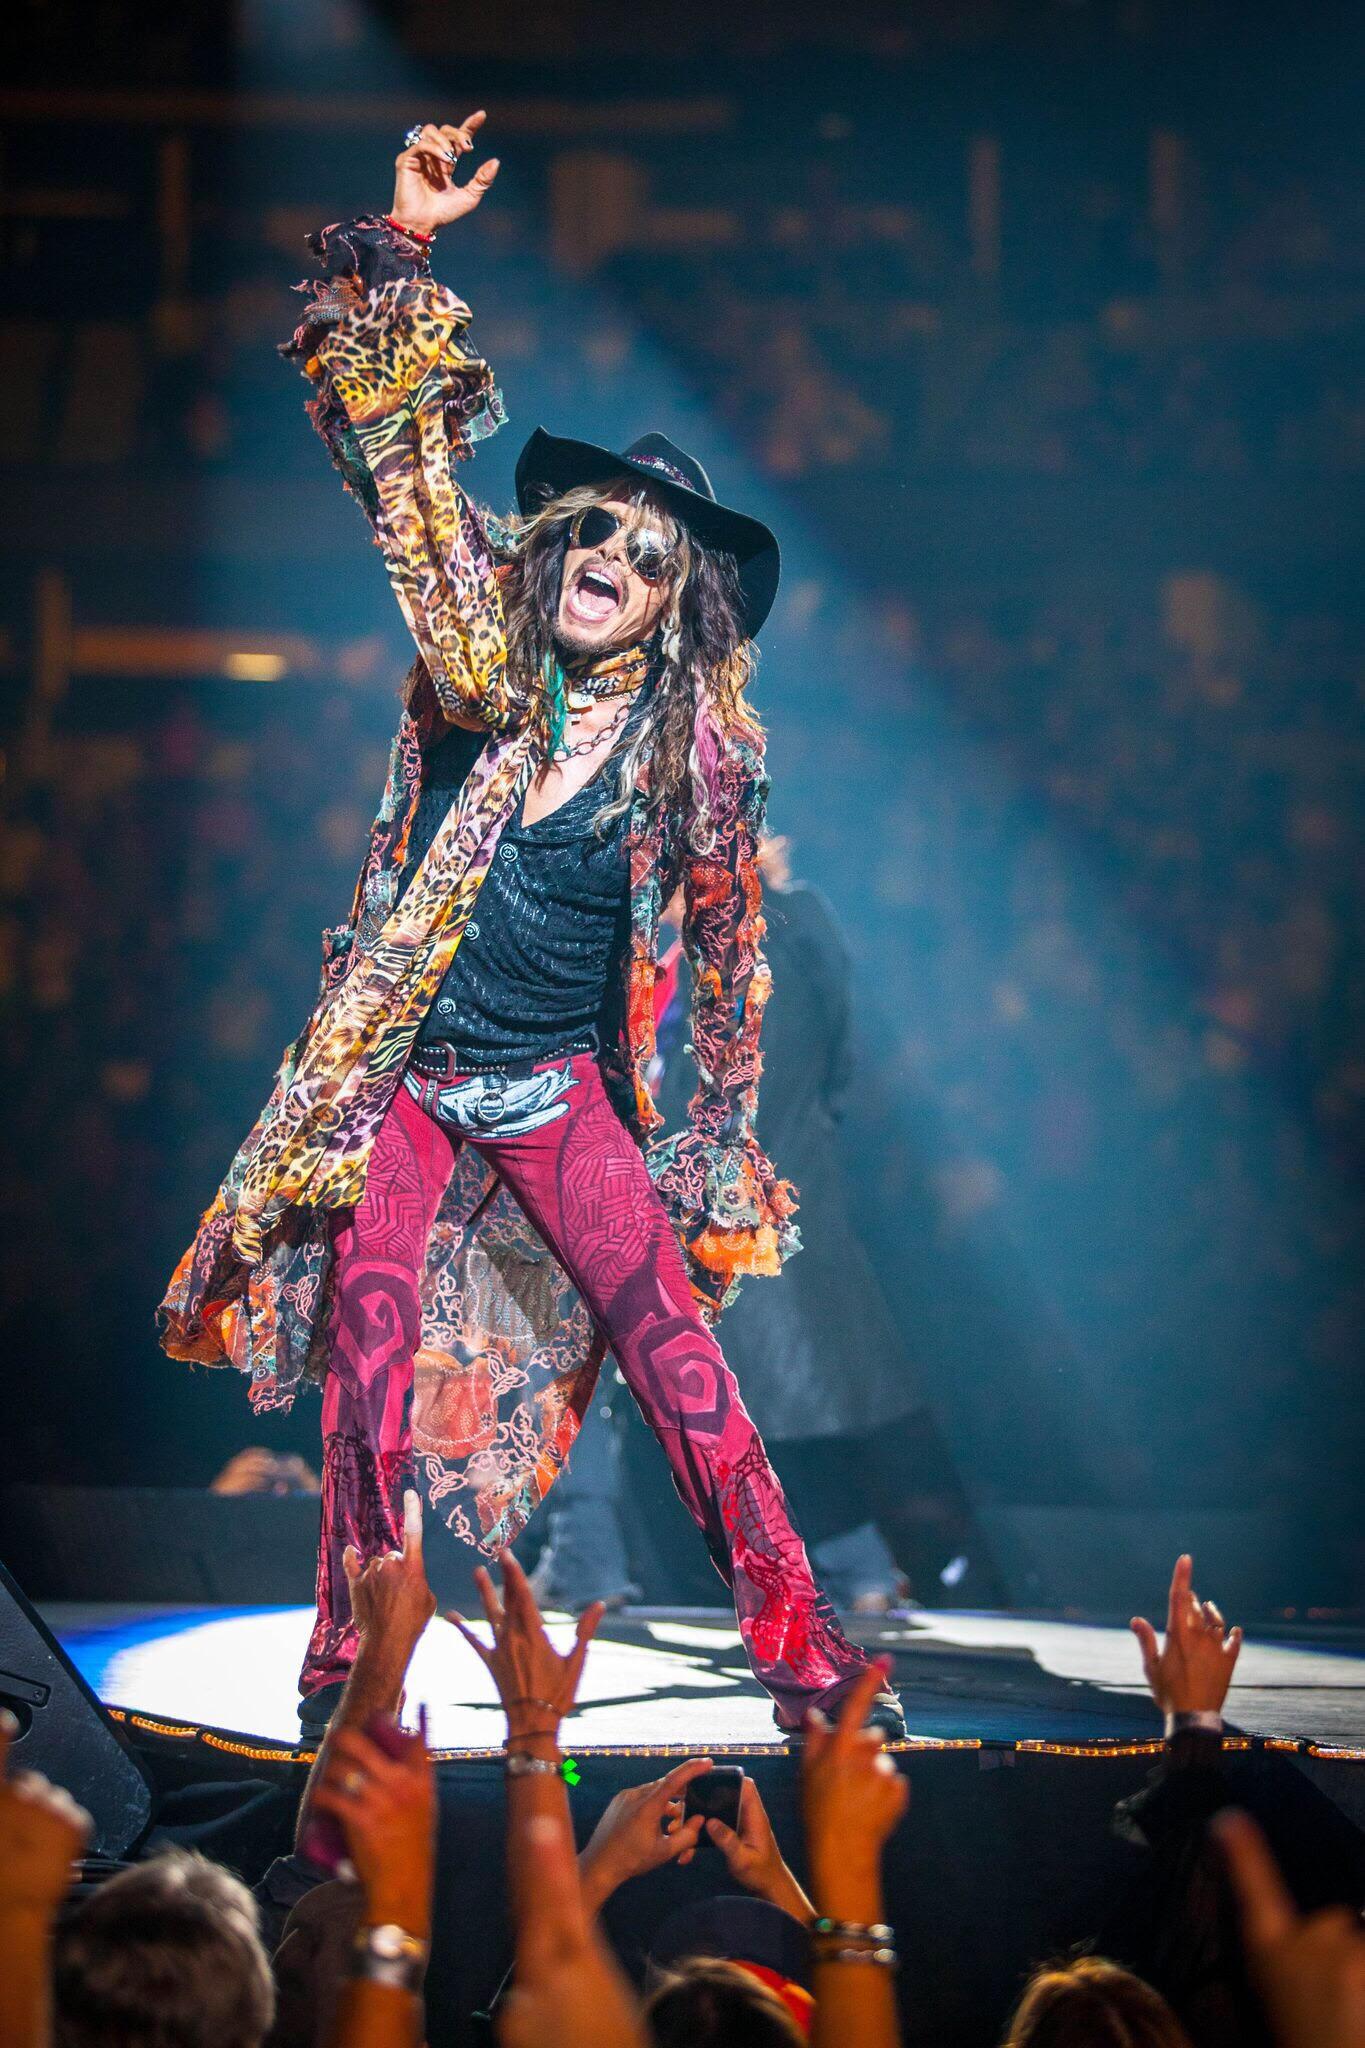 Aerosmith Singer Steven Tyler To Play Tobin Center Benefit